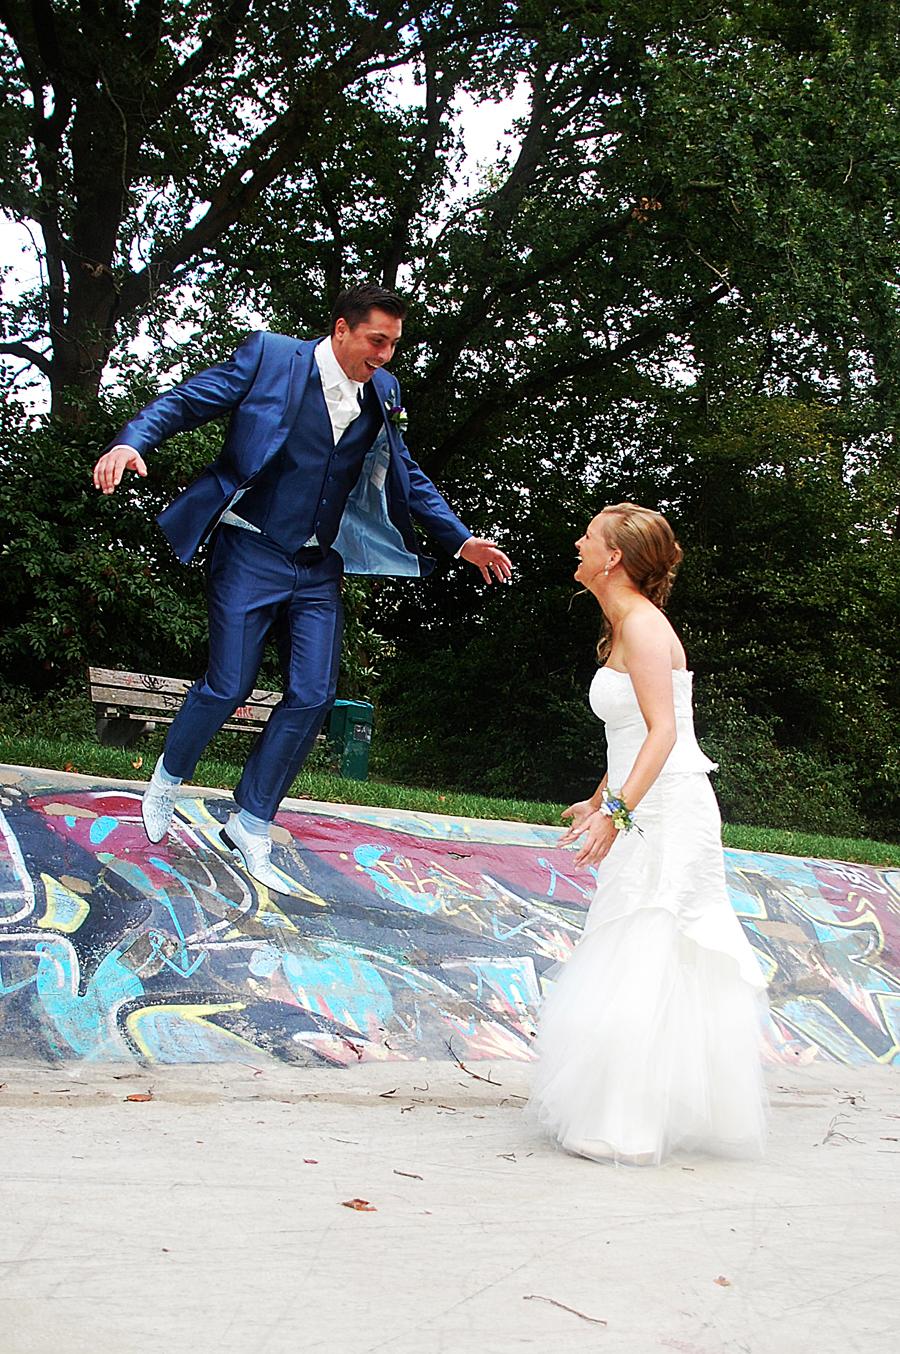 Jurk Voor Bruiloft Vriendin.S Avonds Trouwen Een Leuke Persoonlijke Ceremonie En Dansen Op